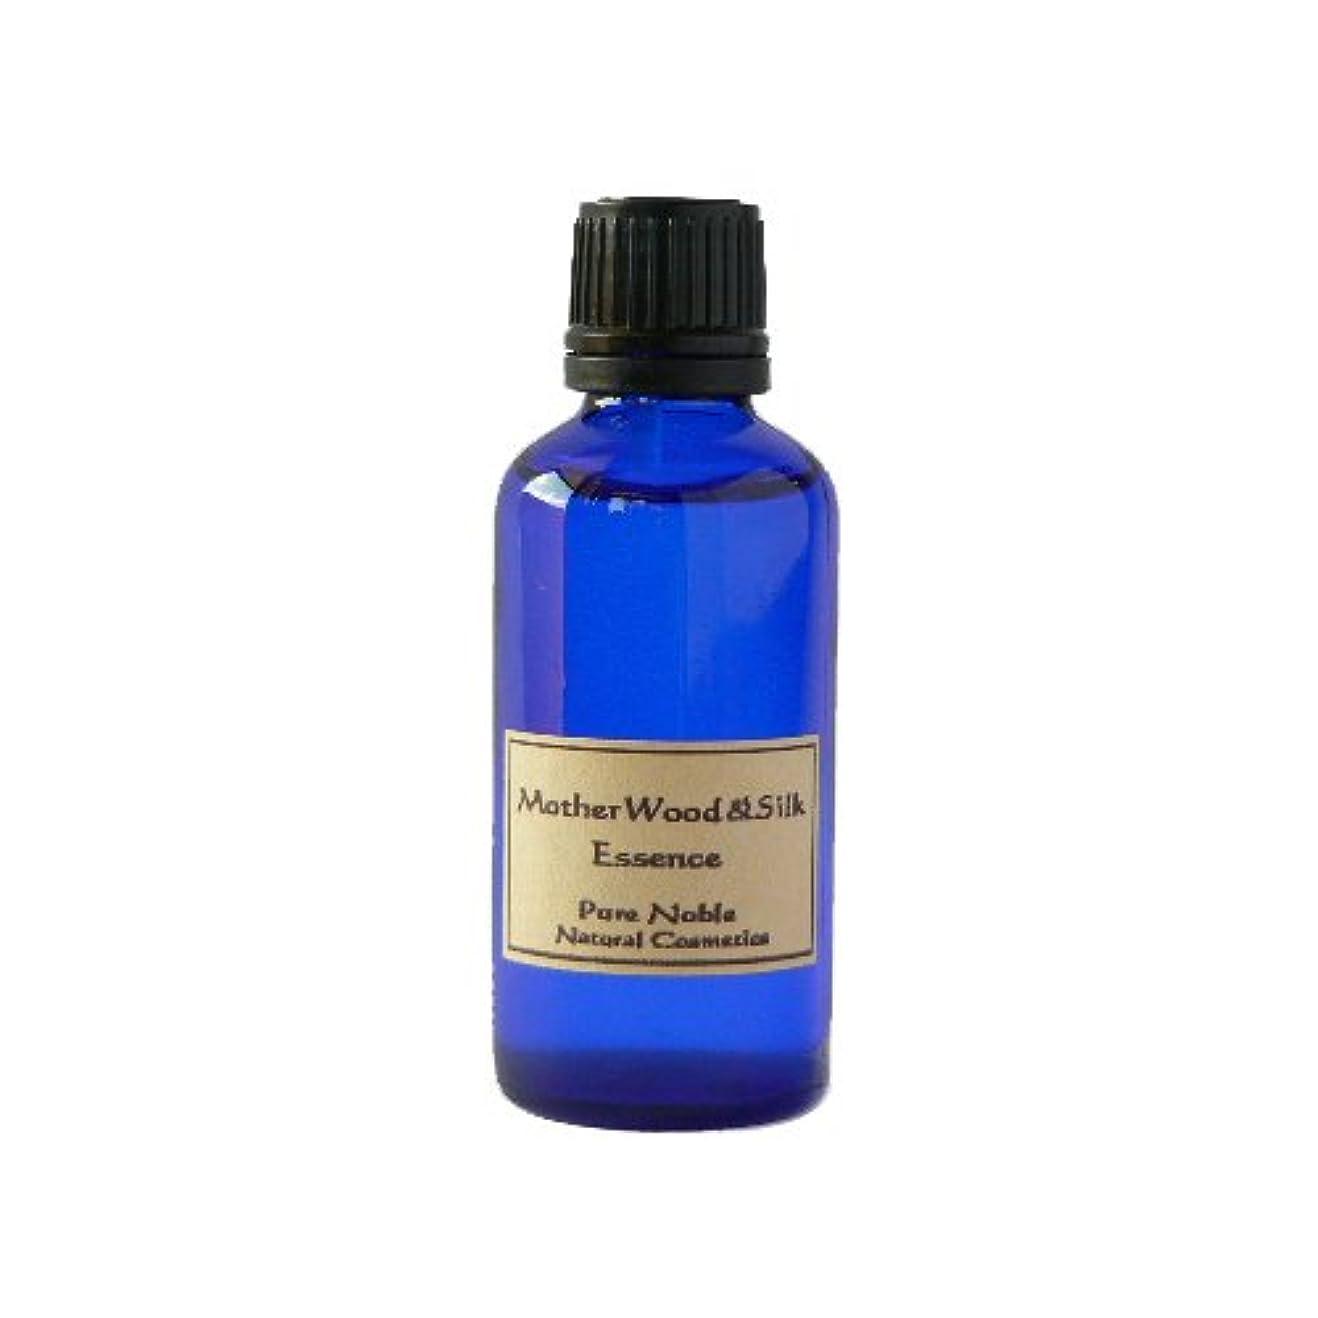 散る気楽なコンバーチブル植物性コラーゲンたっぷり!白樺樹液と有機ハーブの無添加美容液 マザーウッド&シルクエッセンス 50ml